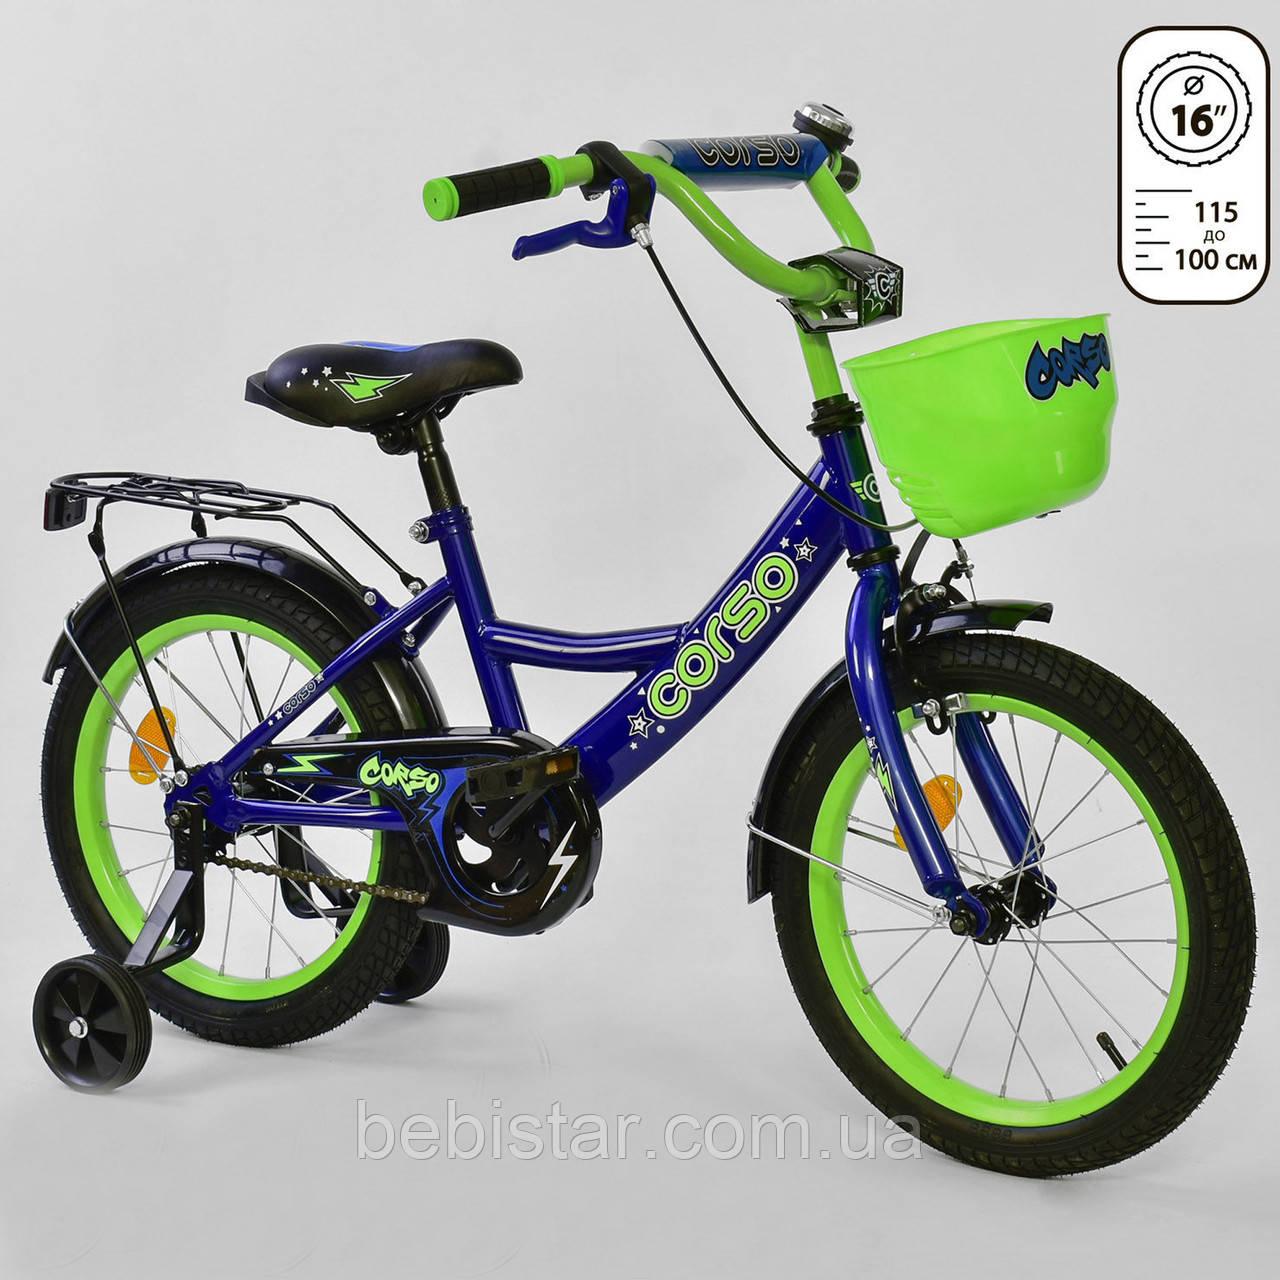 """Двухколесный велосипед синий, салатовый обод с ручным тормозом доп колеса Corso 16"""" детям 4-6 лет"""